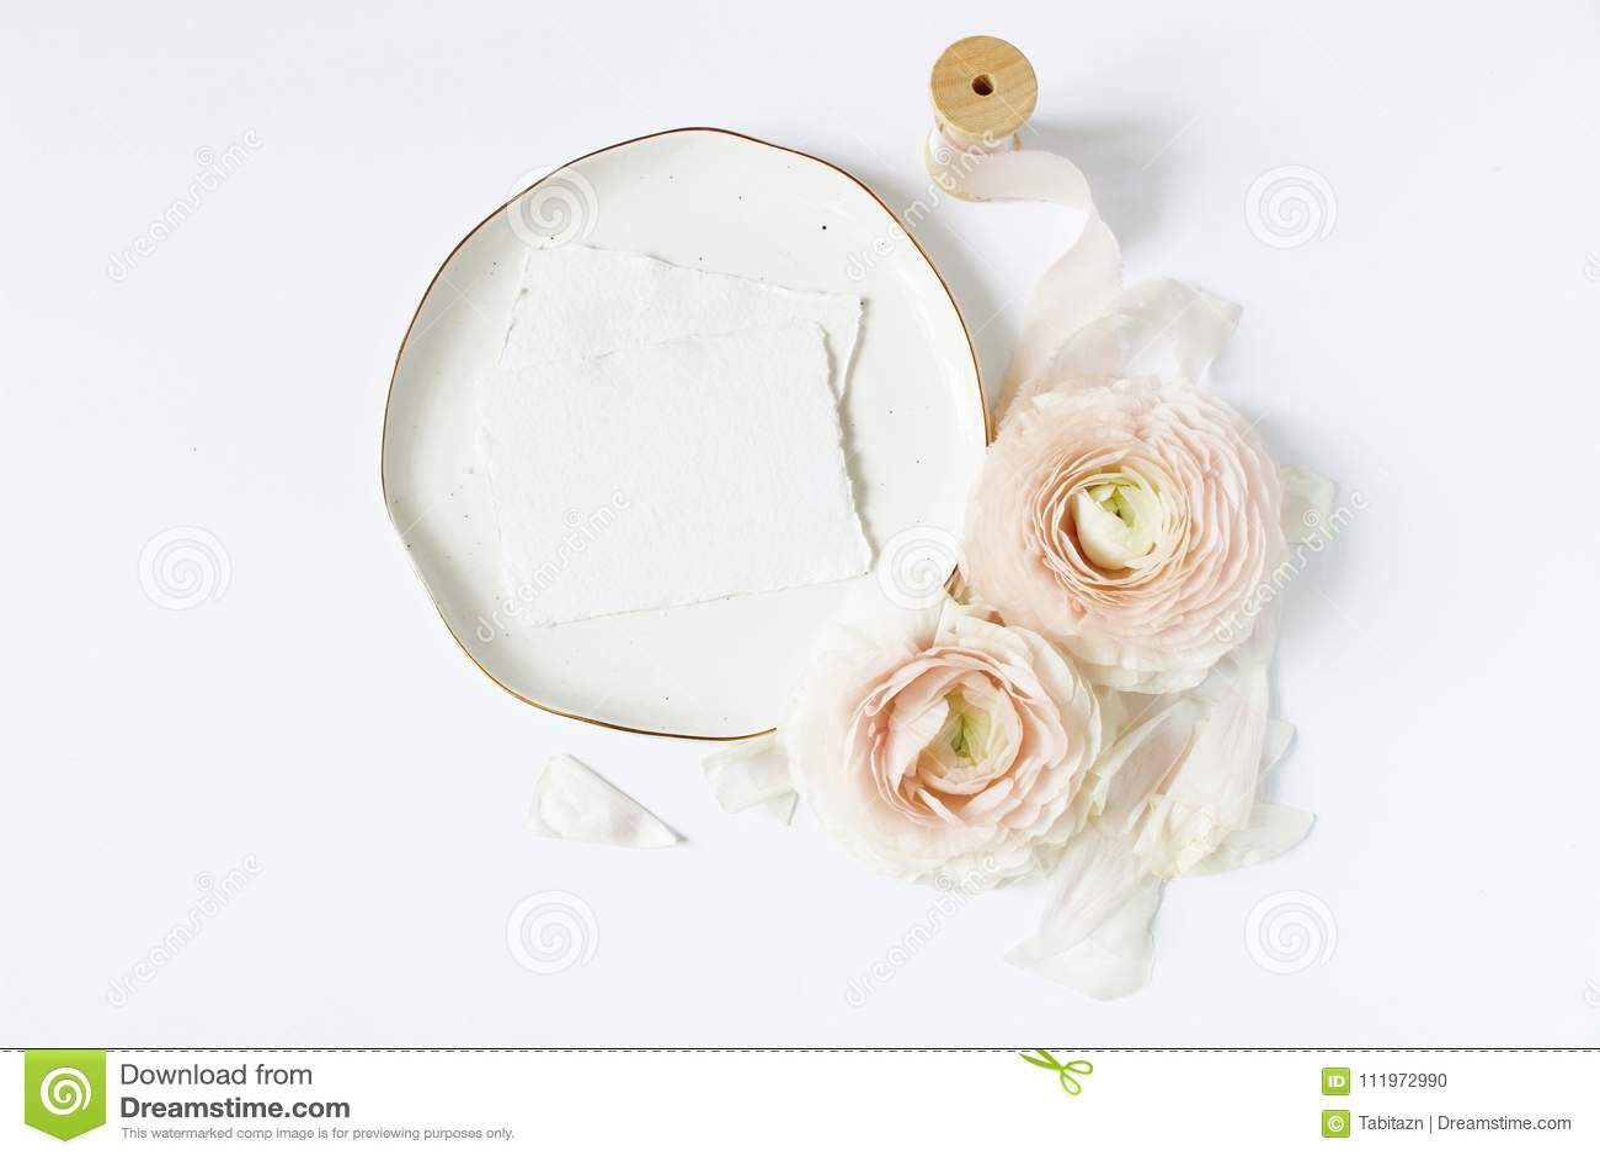 Weibliche Hochzeit, Geburtstagstischplattenmodellszene Porzellanplatte, löschen Kraftpapiergrußkarten, Seidenband, erröten